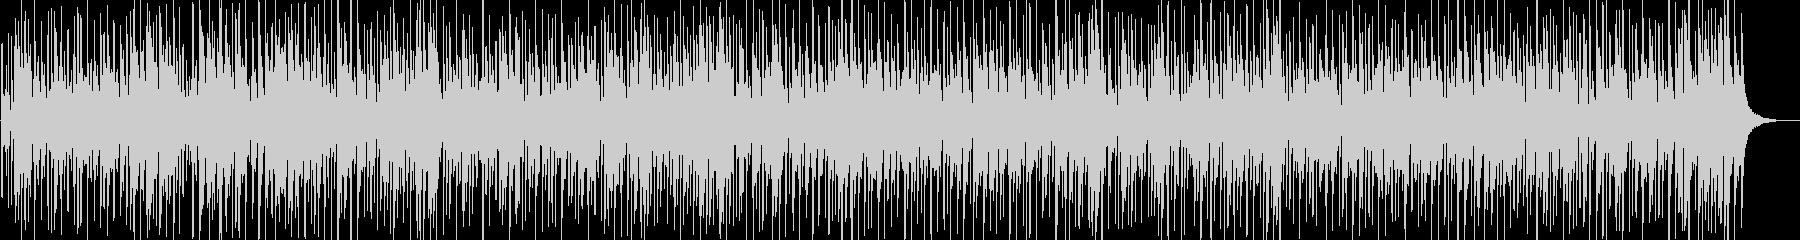 南国のイメージ、マリンバが印象的なBGMの未再生の波形